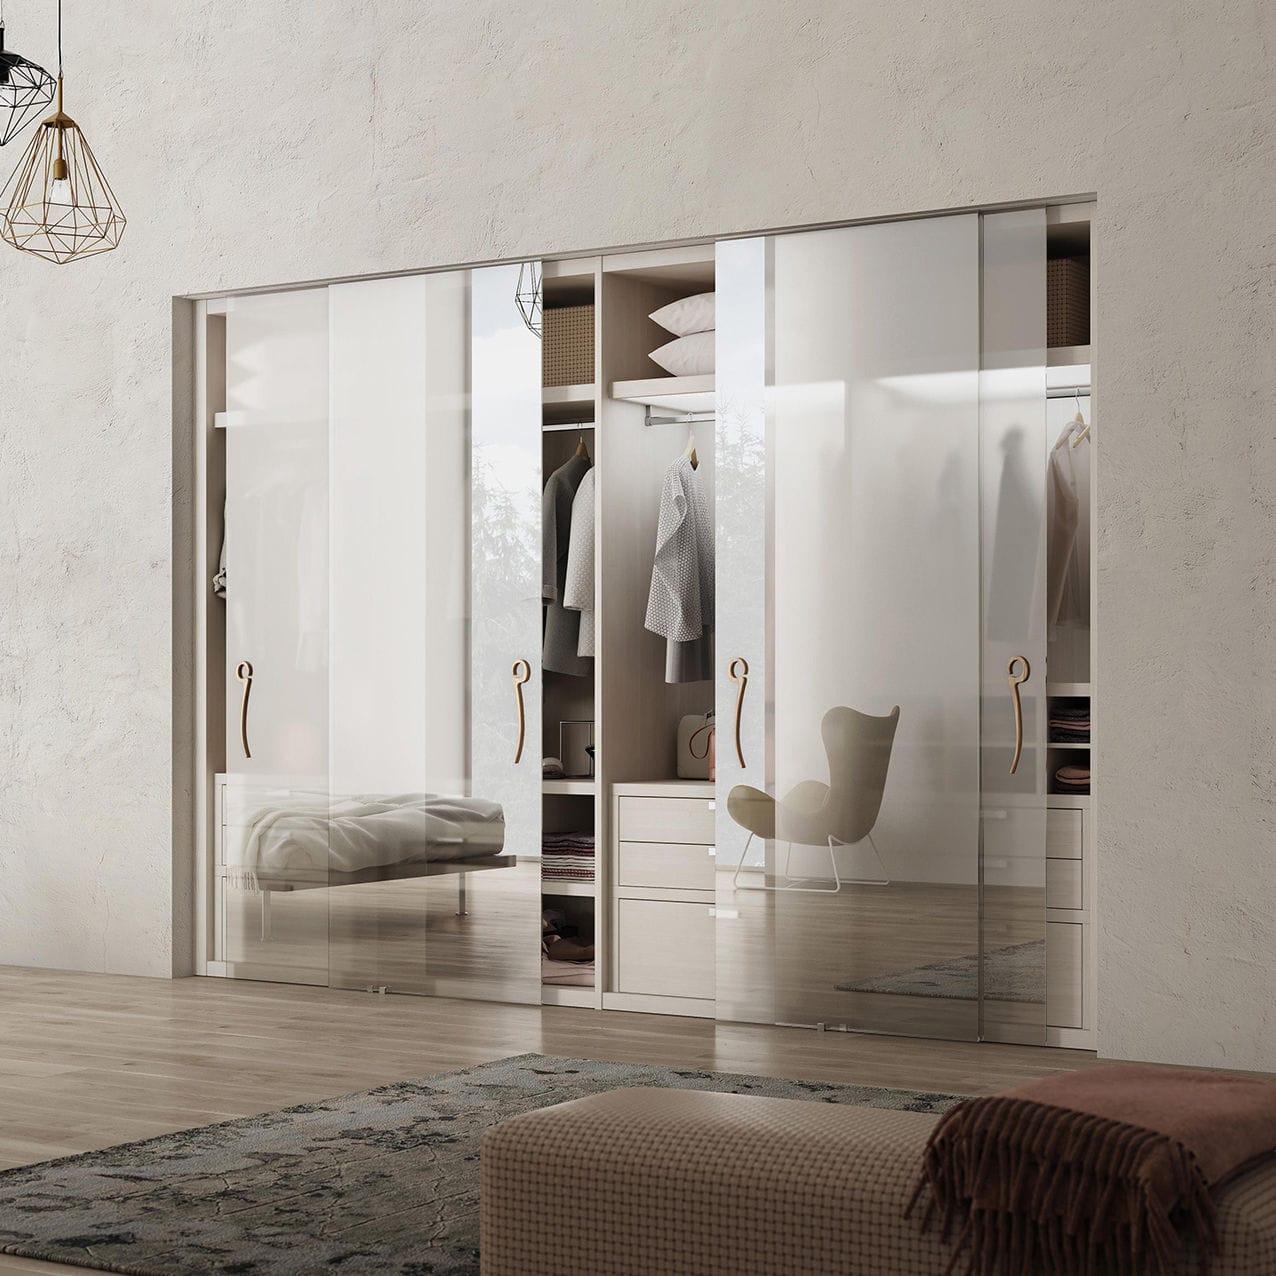 Armadio A Muro Design porta per armadio a muro - space : supersilver chiaro